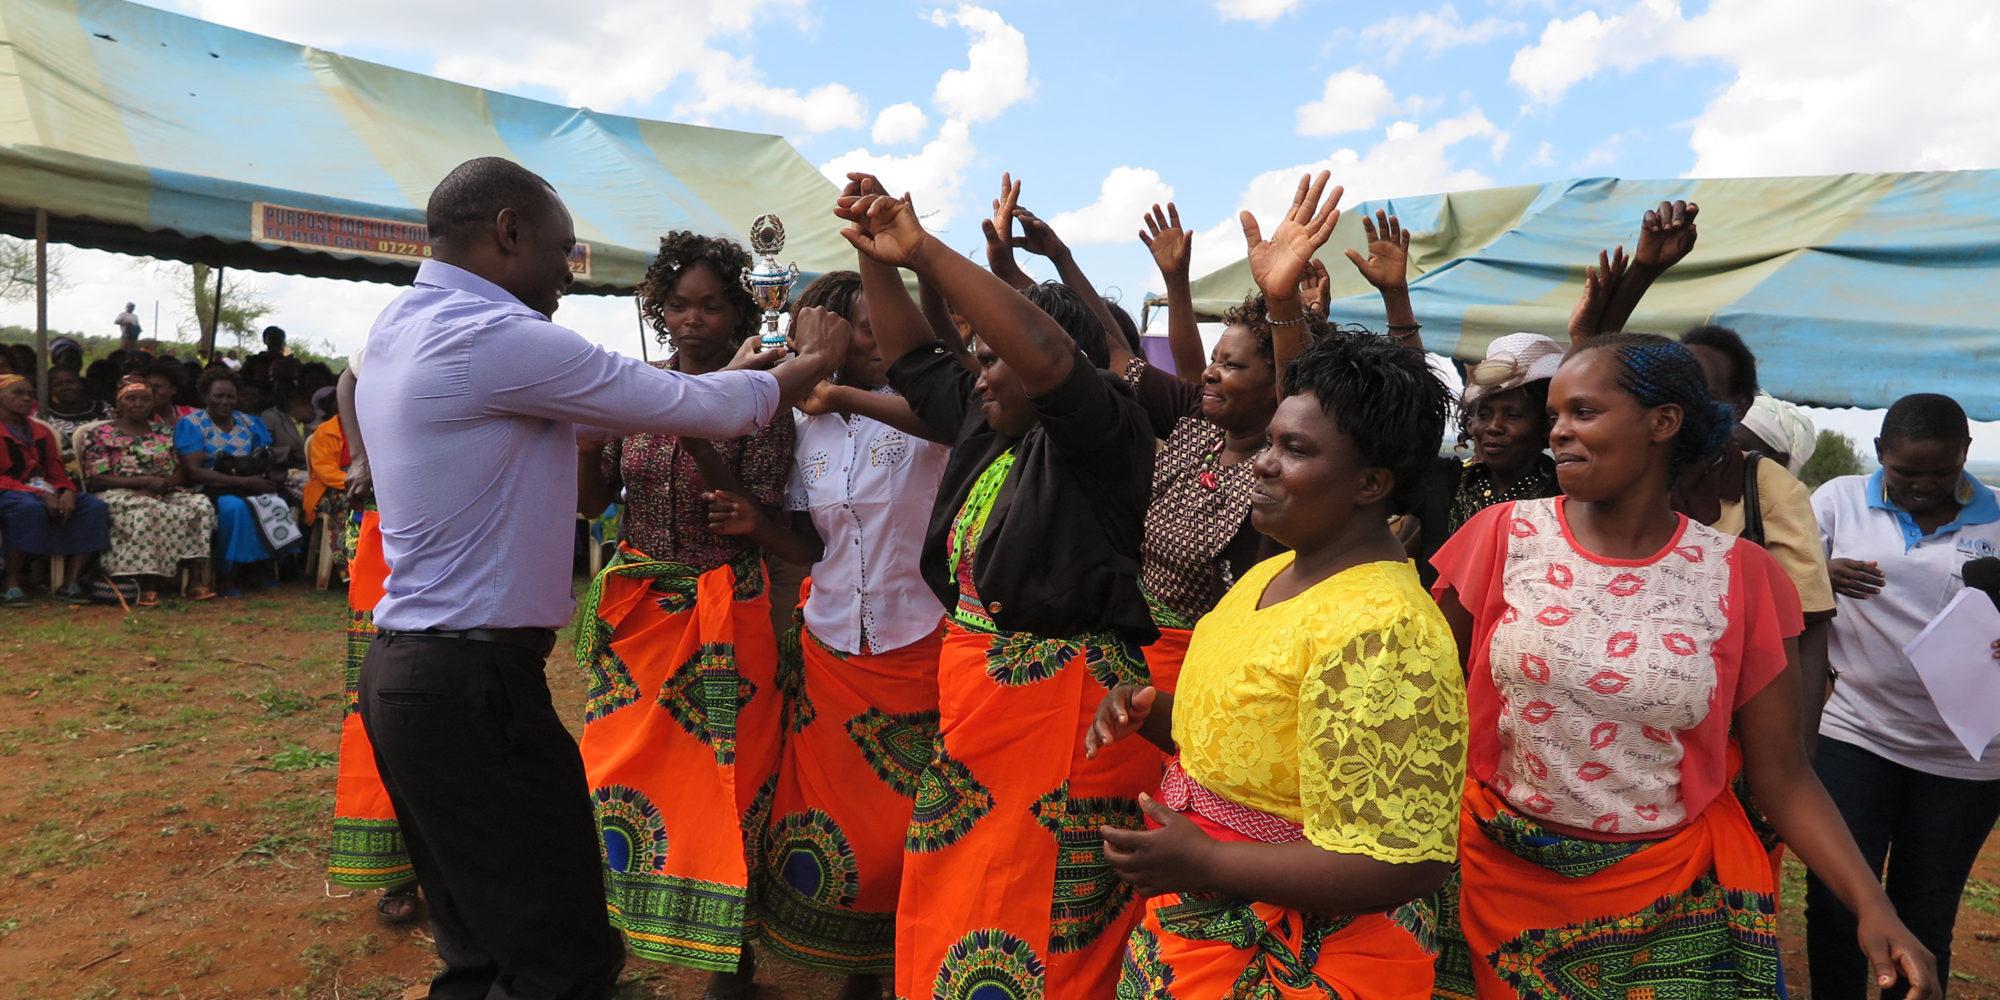 En grupp kvinnor jublar när de tar emot en pokal .